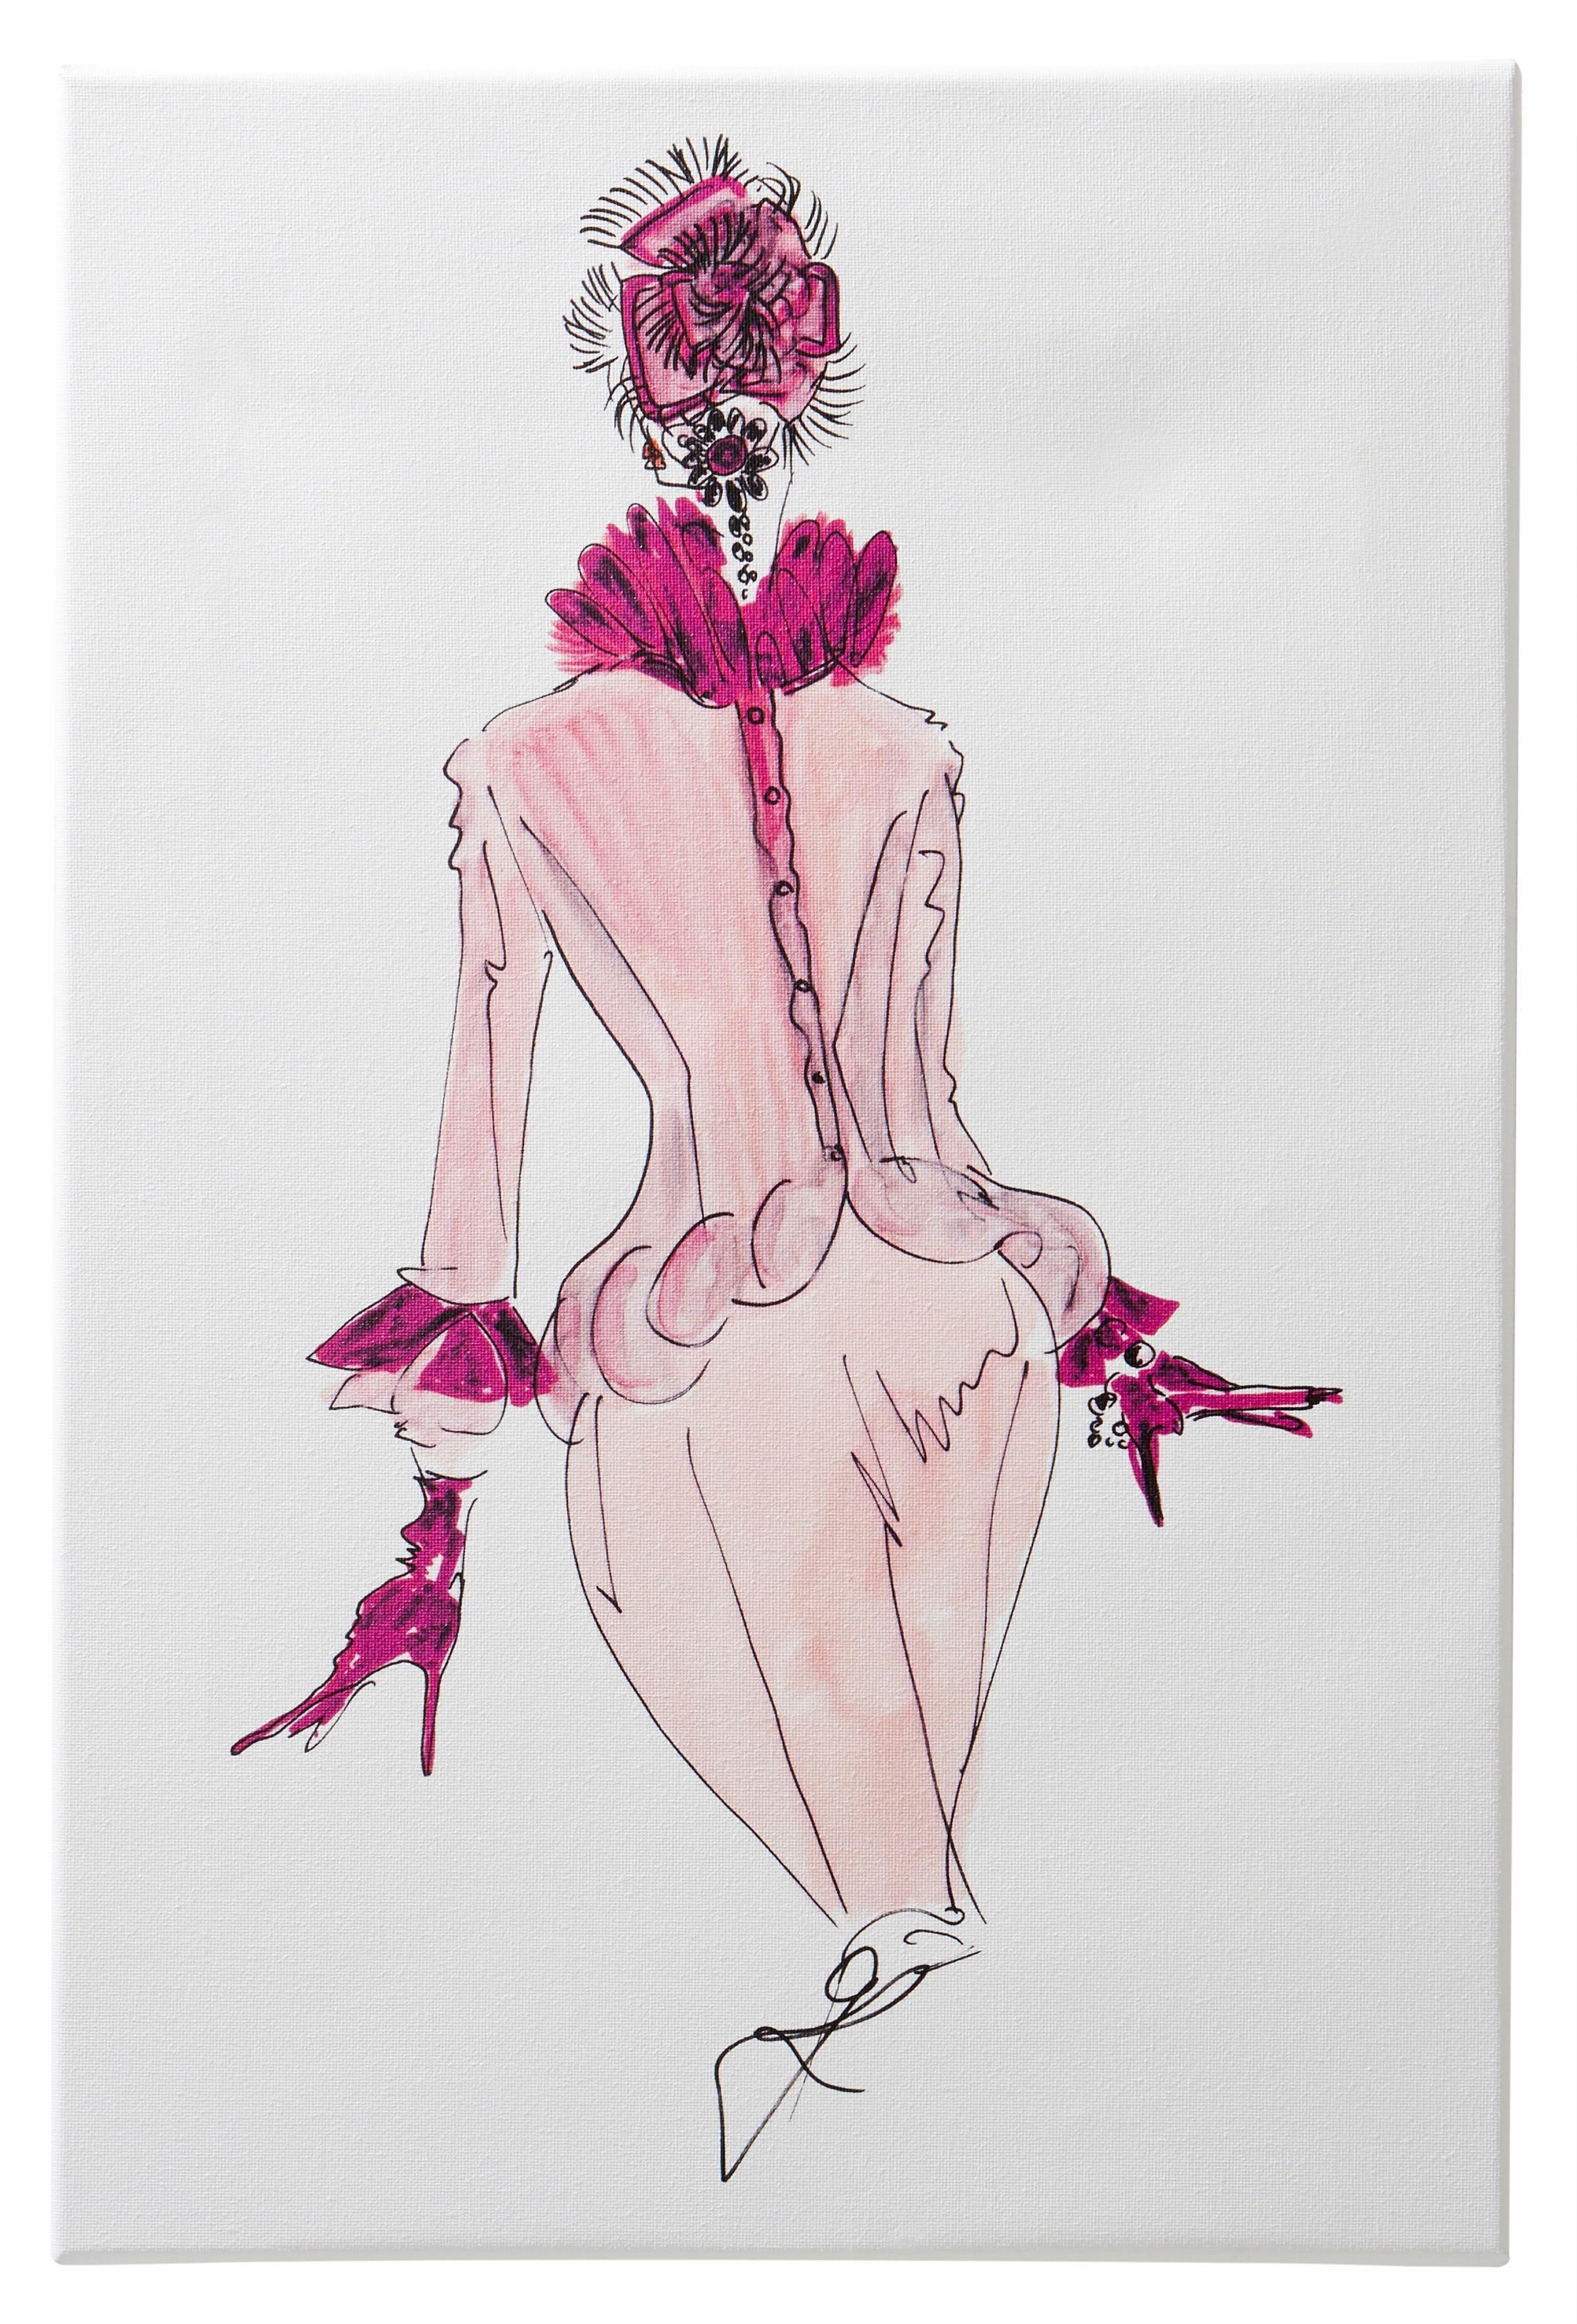 Leinwandbild »Keilrahmenbild«, Mode, Zeichnung, 40/60 cm, gerahmt, Keilrahmen